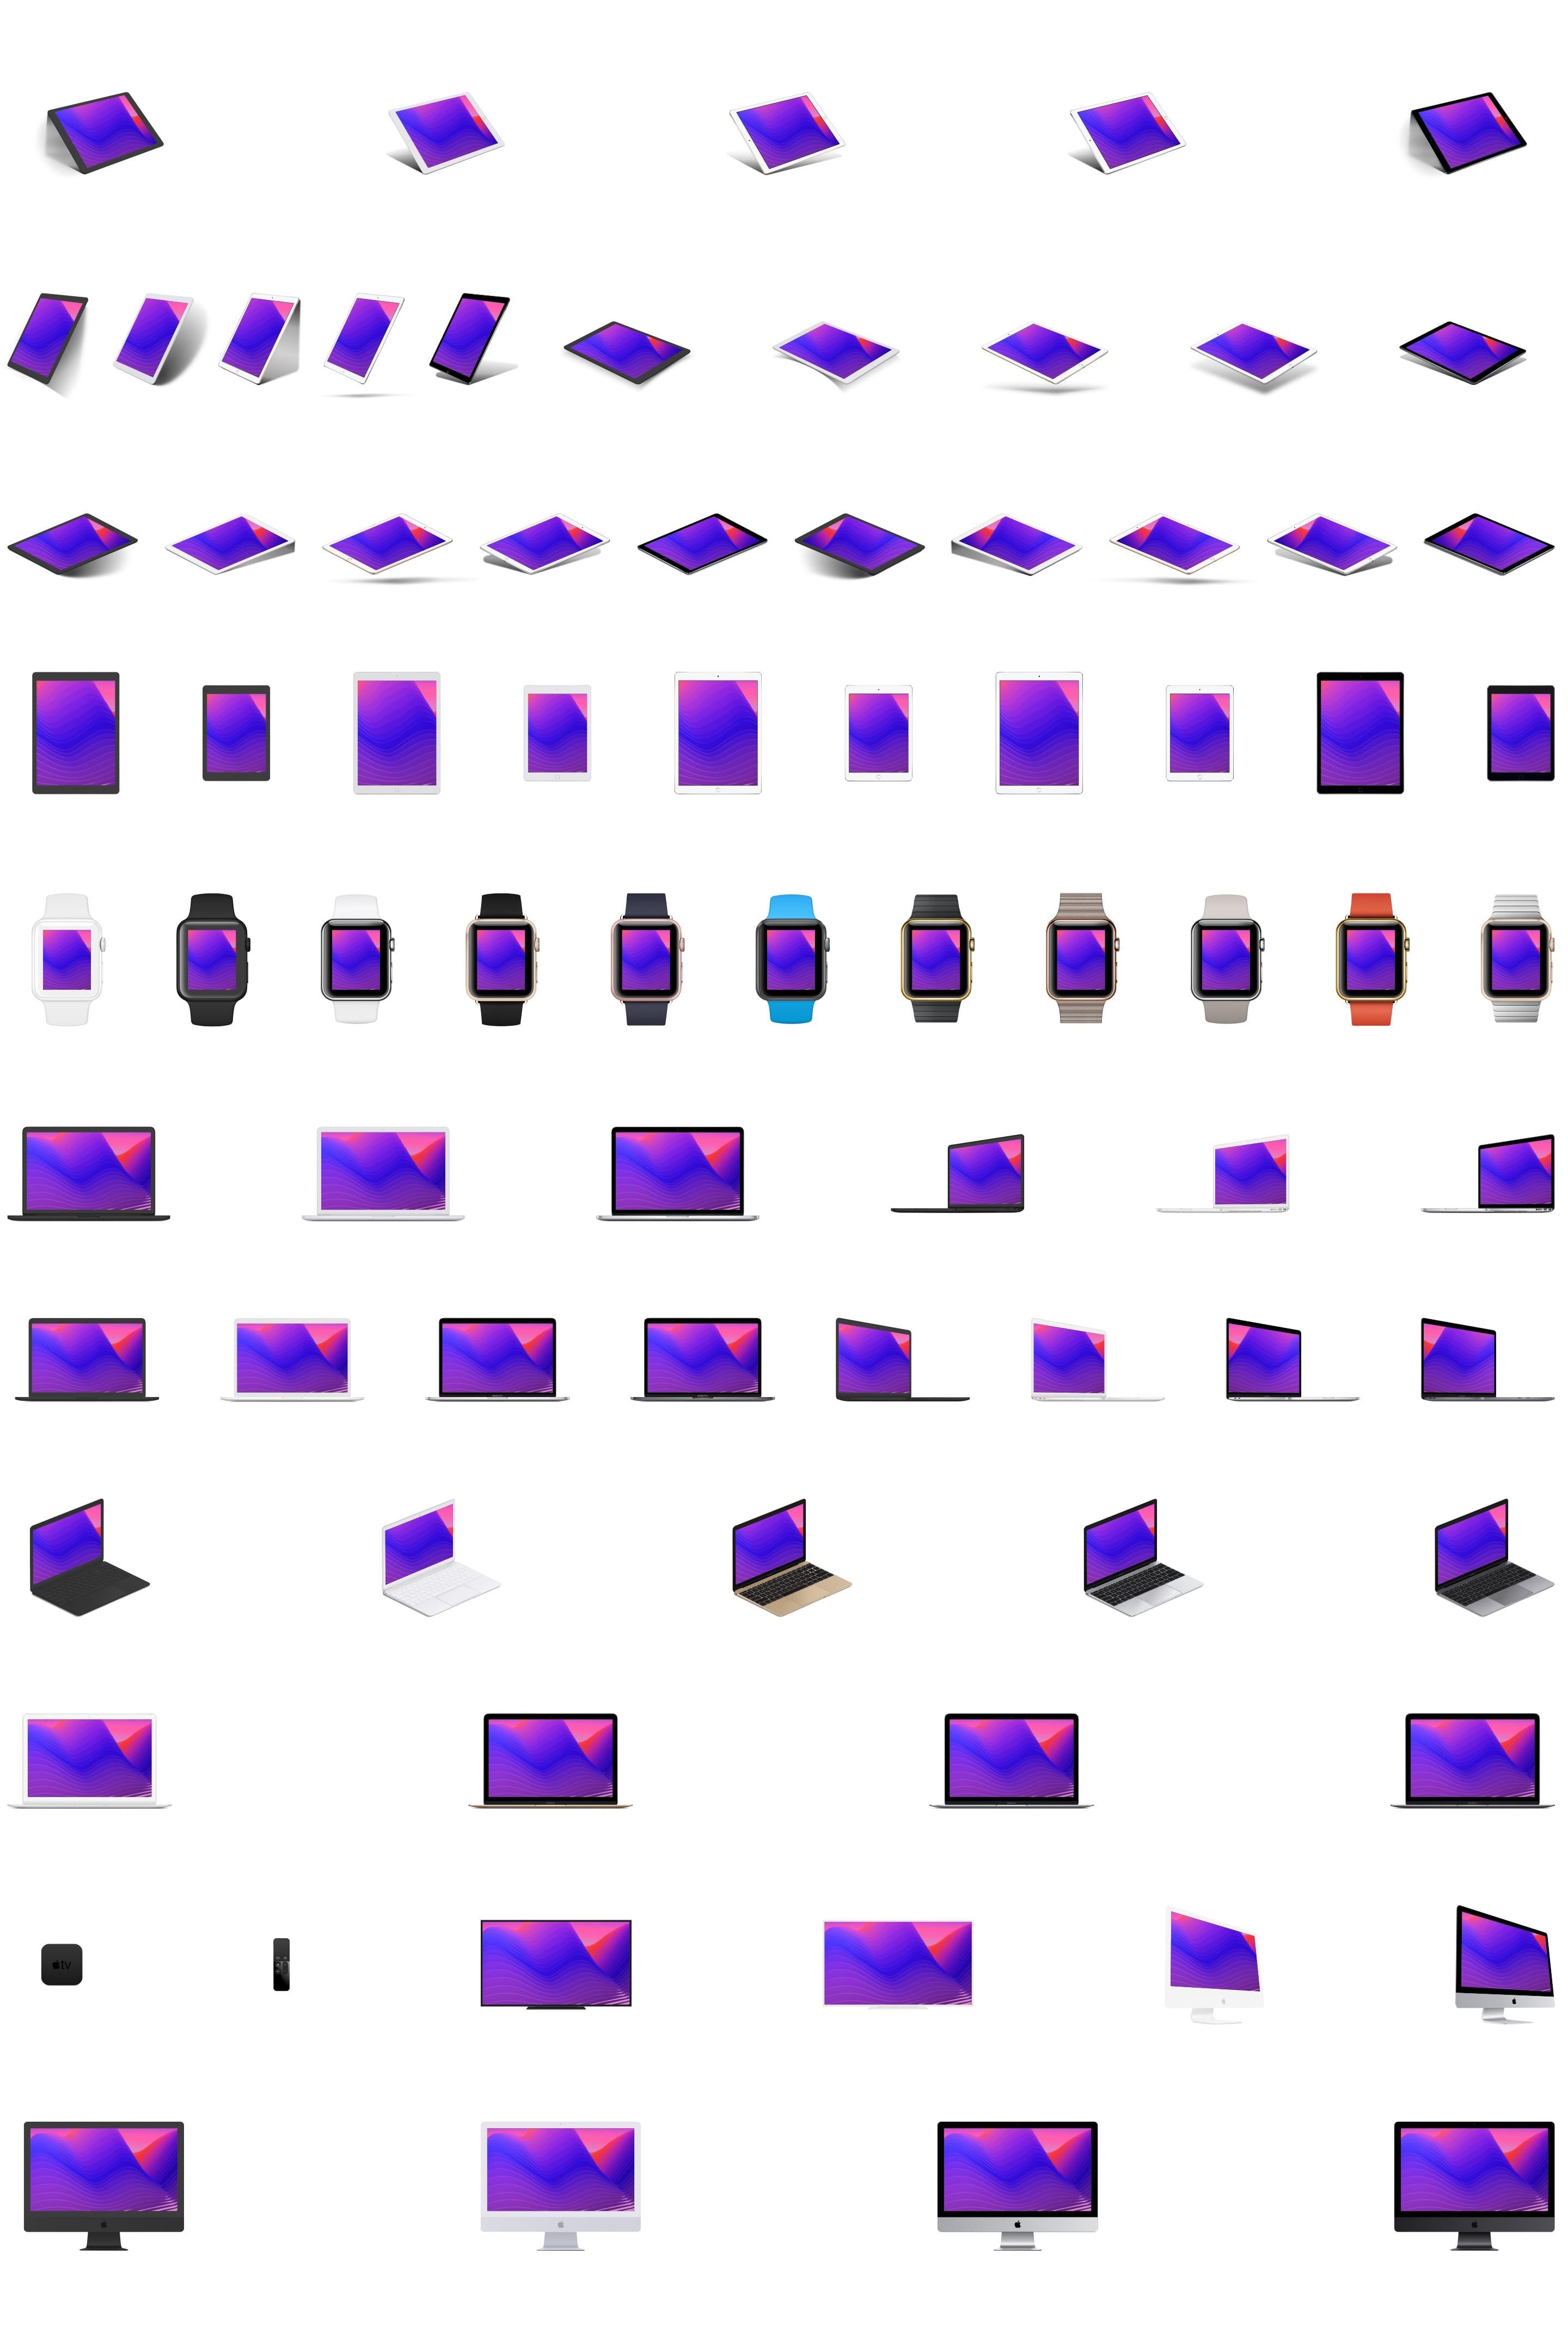 Mockups Desktop